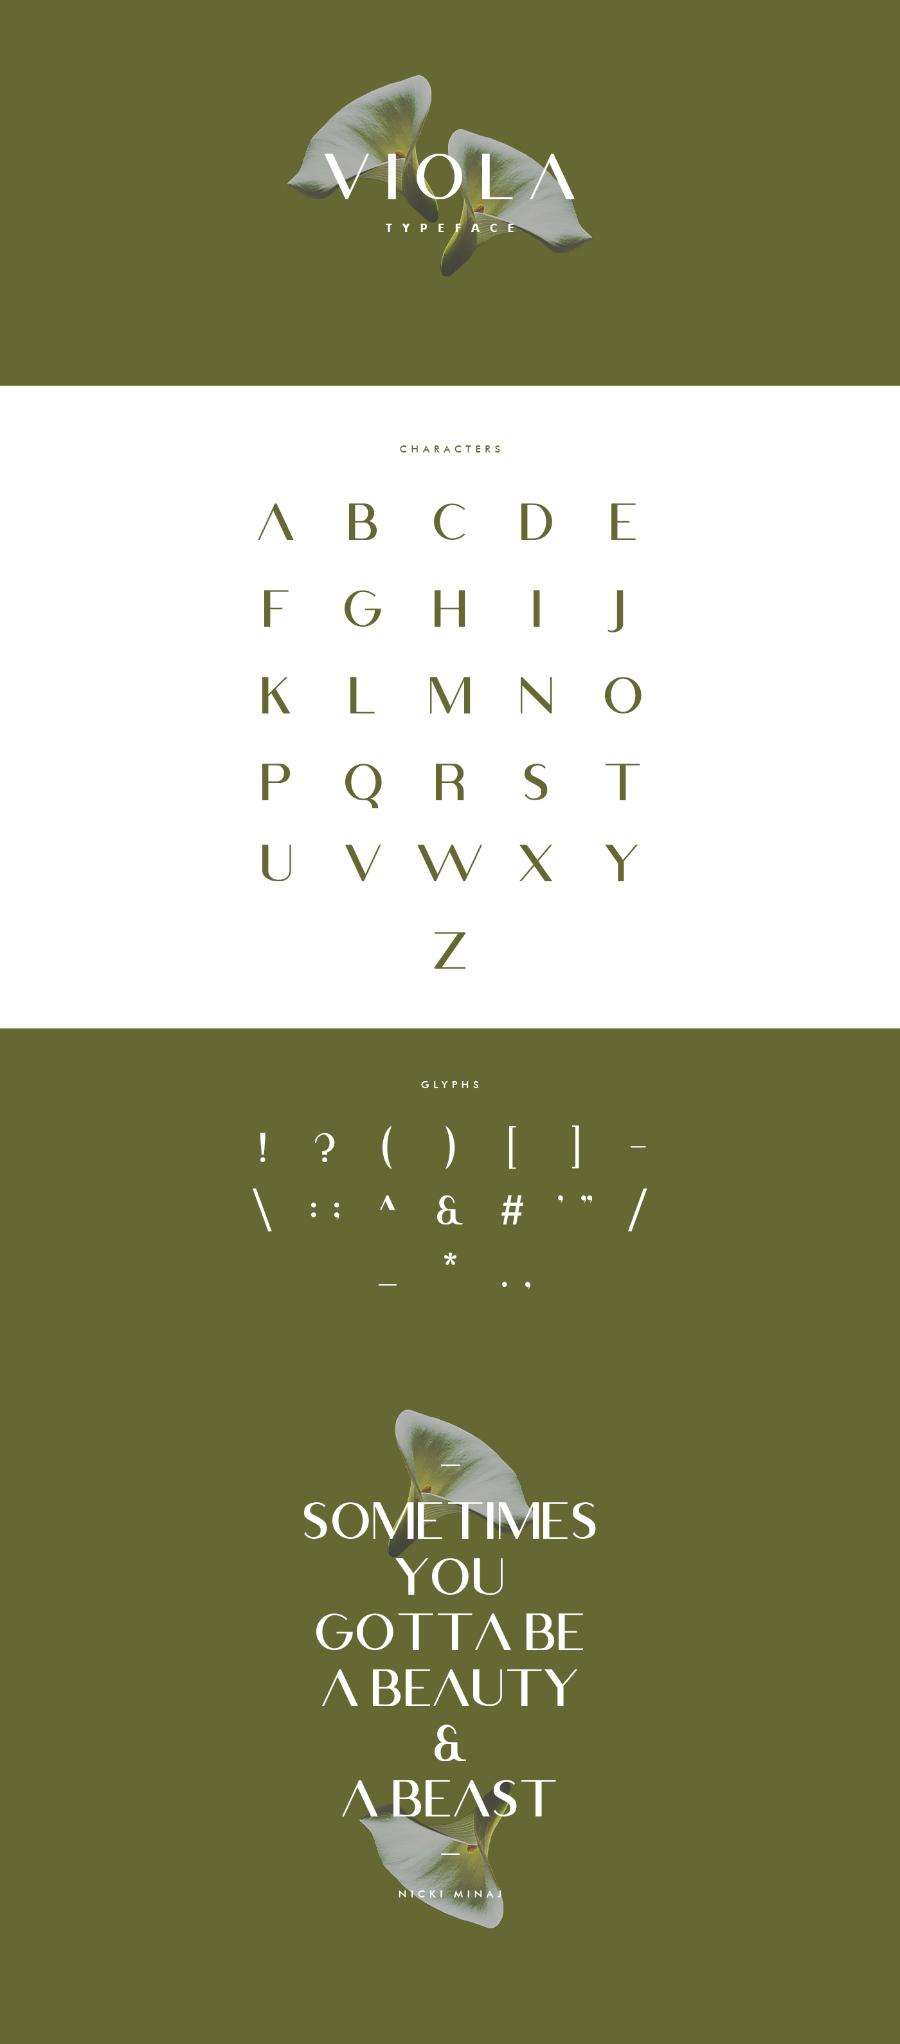 Free Viola Minimal Typeface